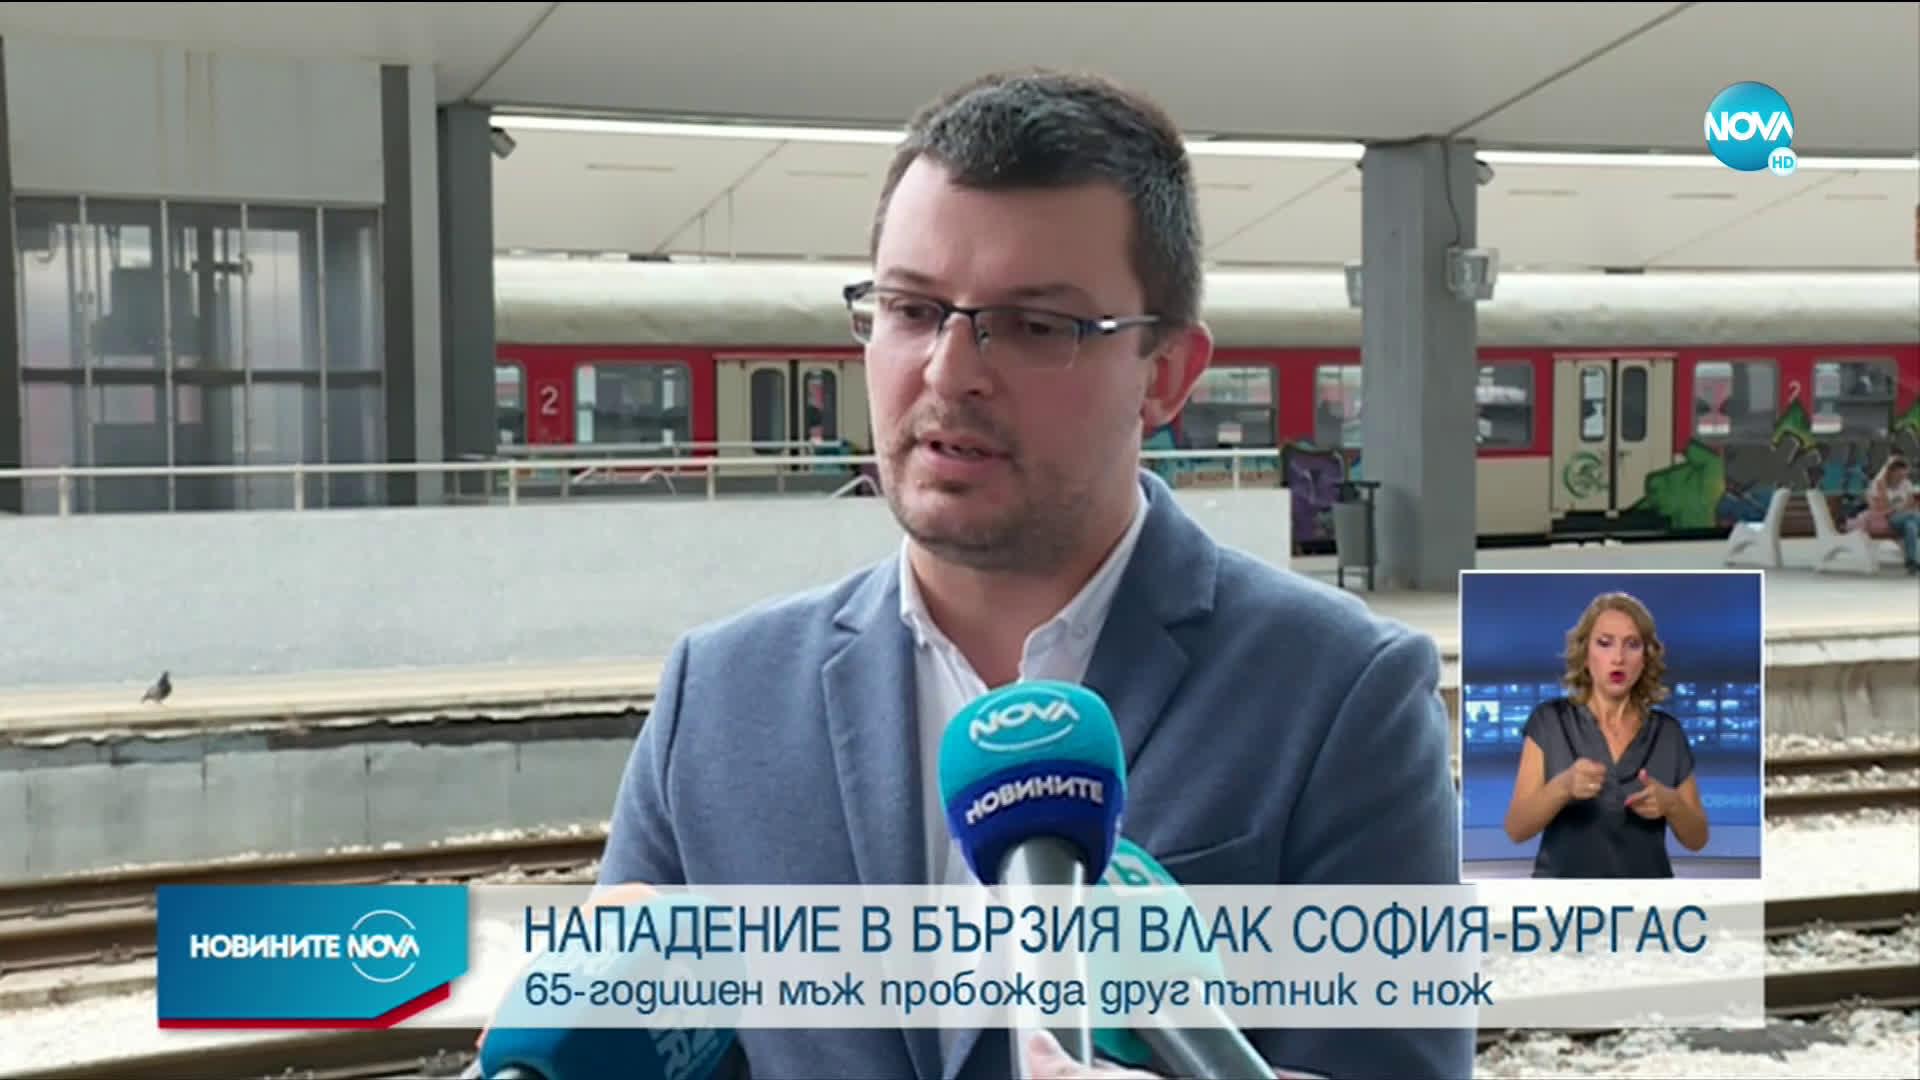 Мъж намушка друг в бързия влак София-Бургас (ВИДЕО)